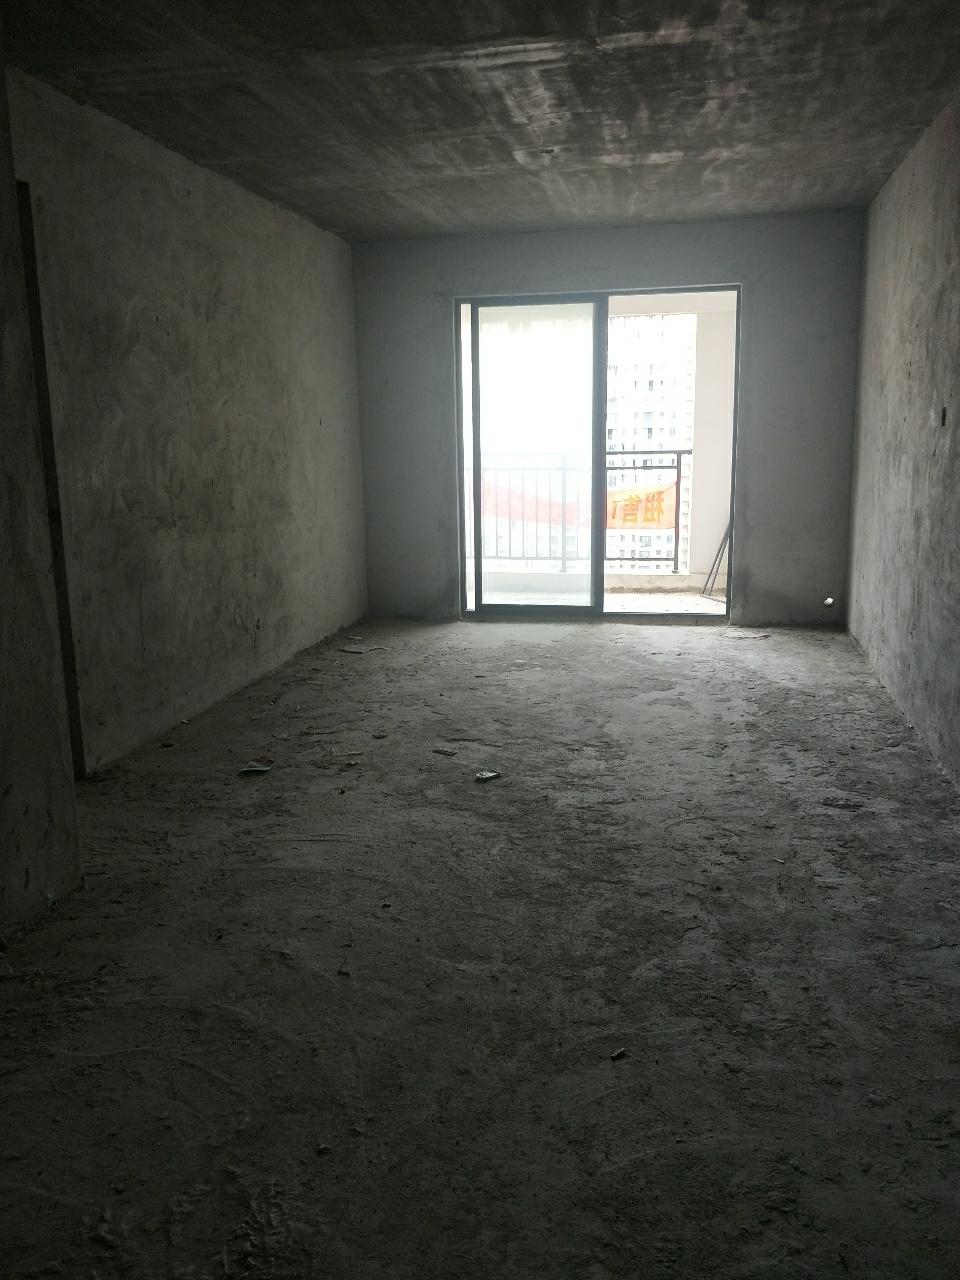 怡心花园二期3室2厅1卫45万元